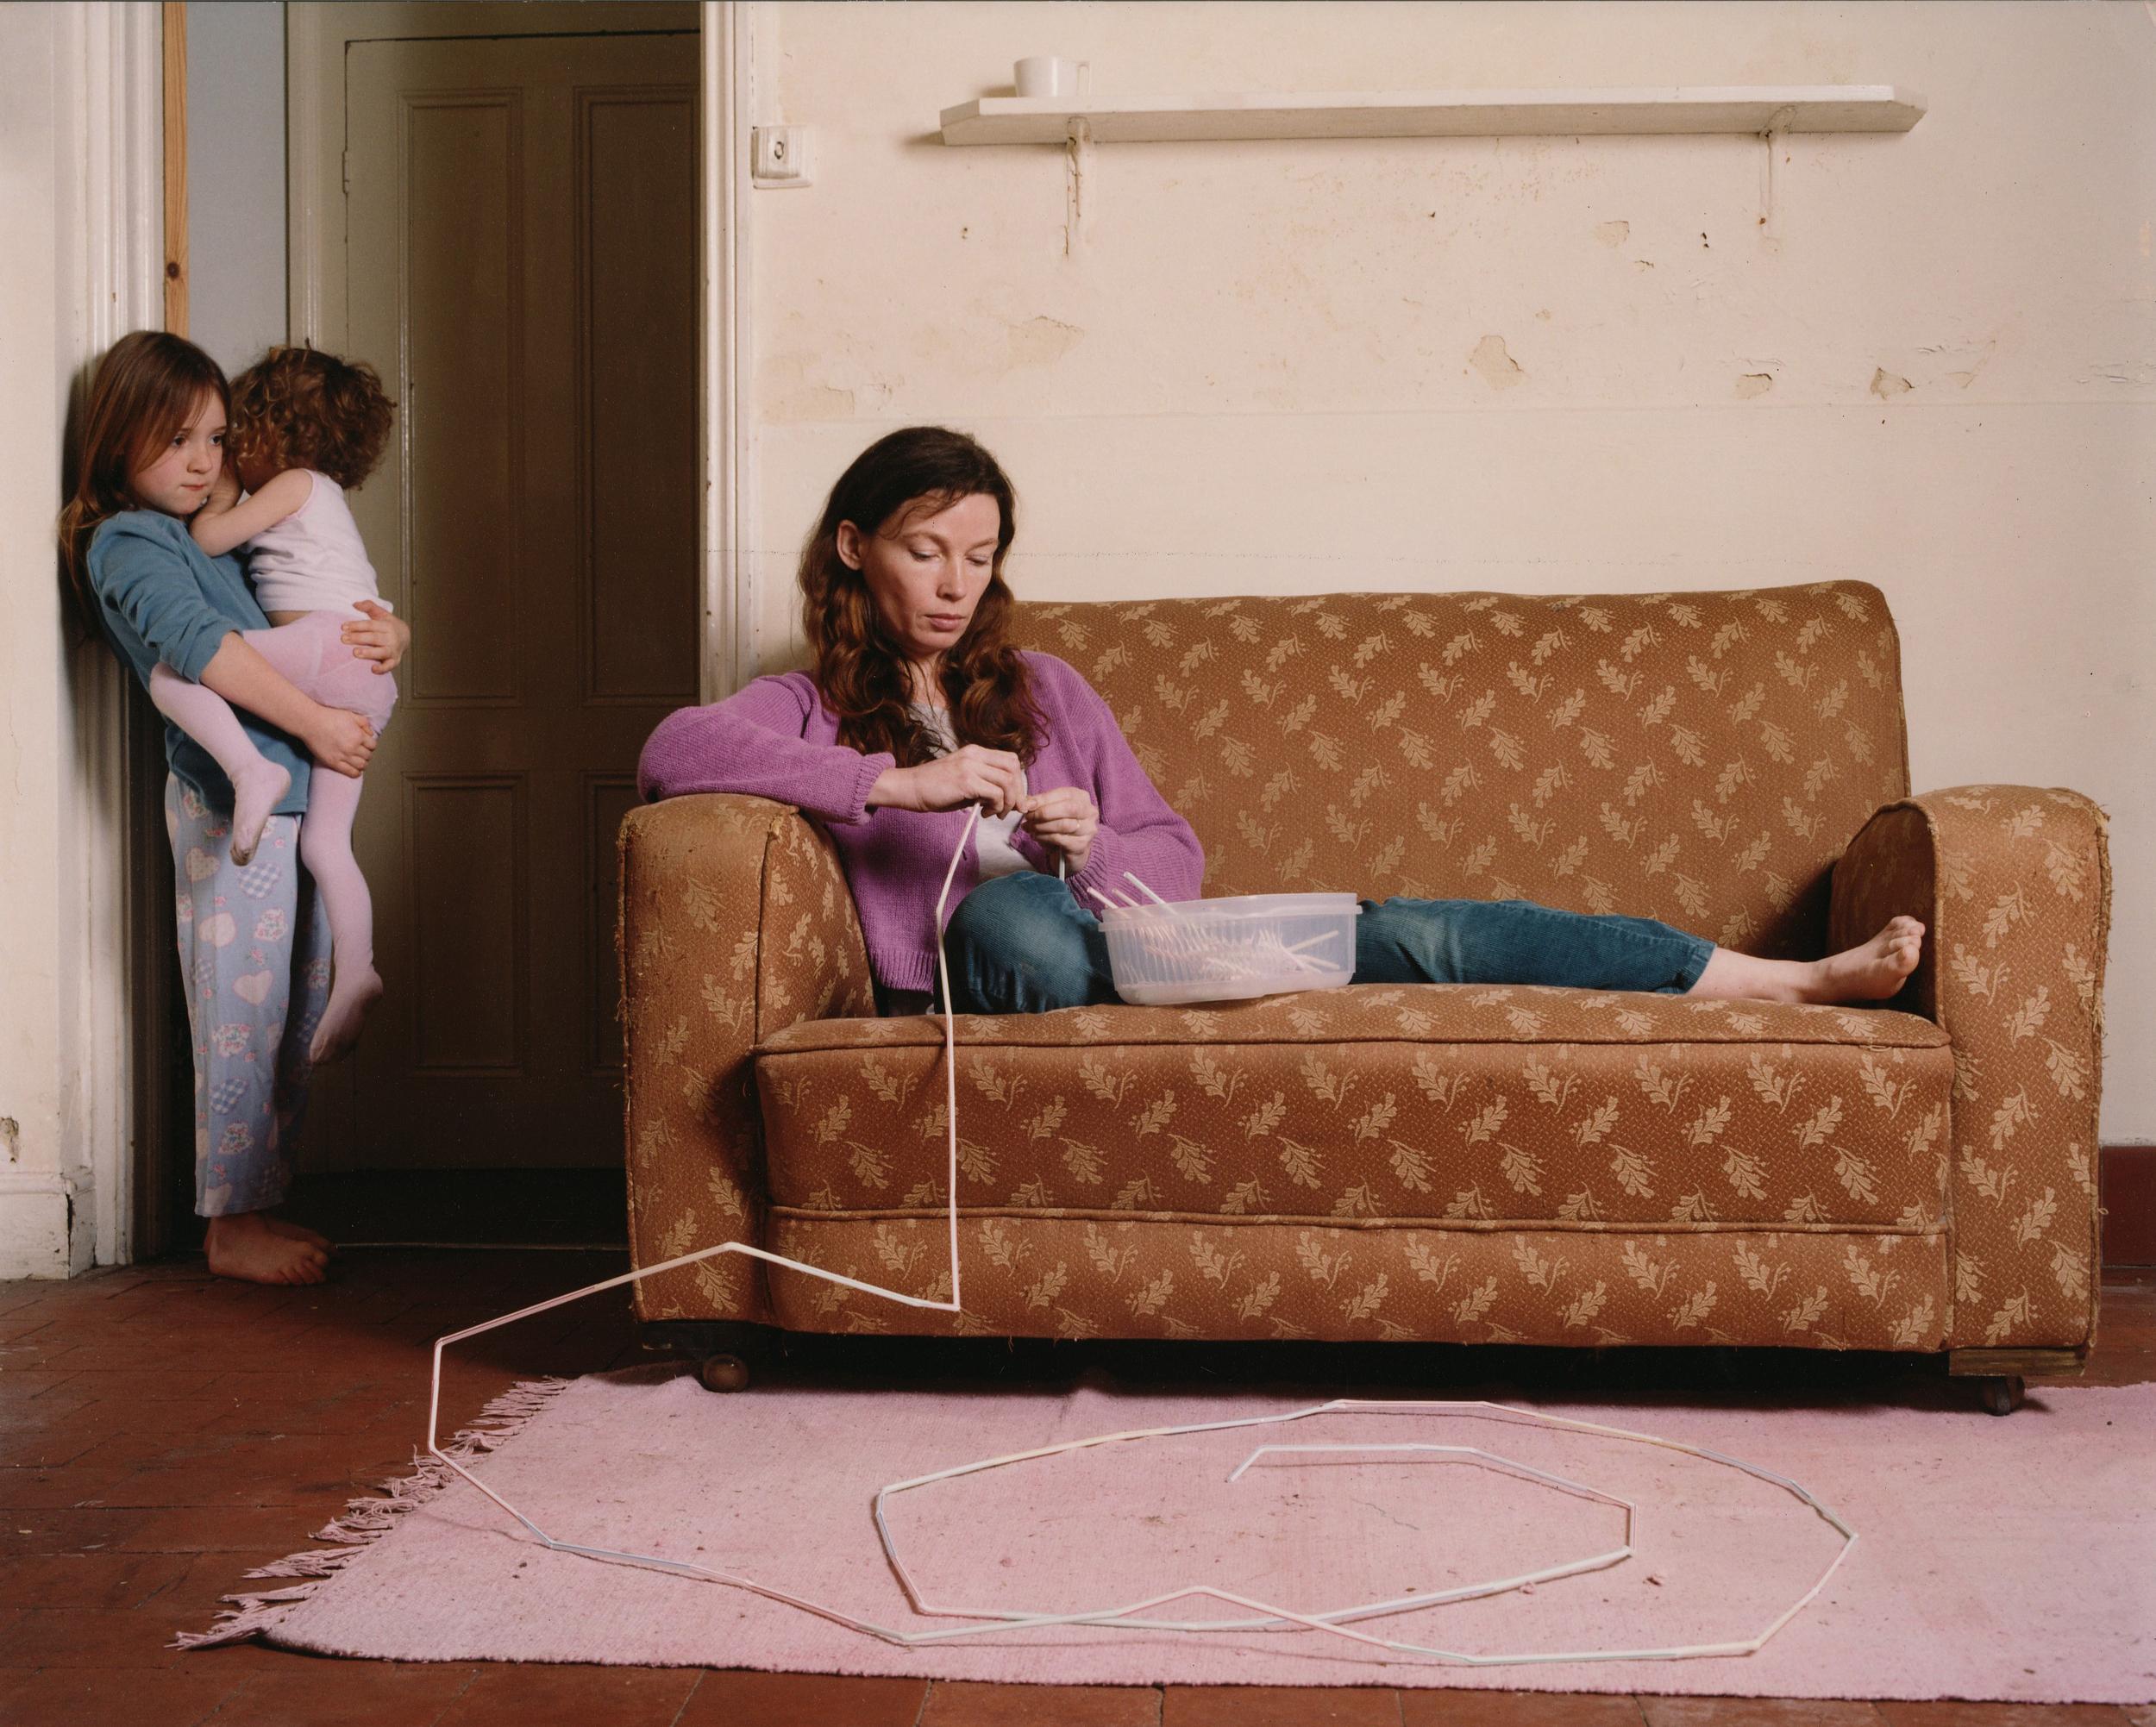 Like Mother Like Daughter III. 2000